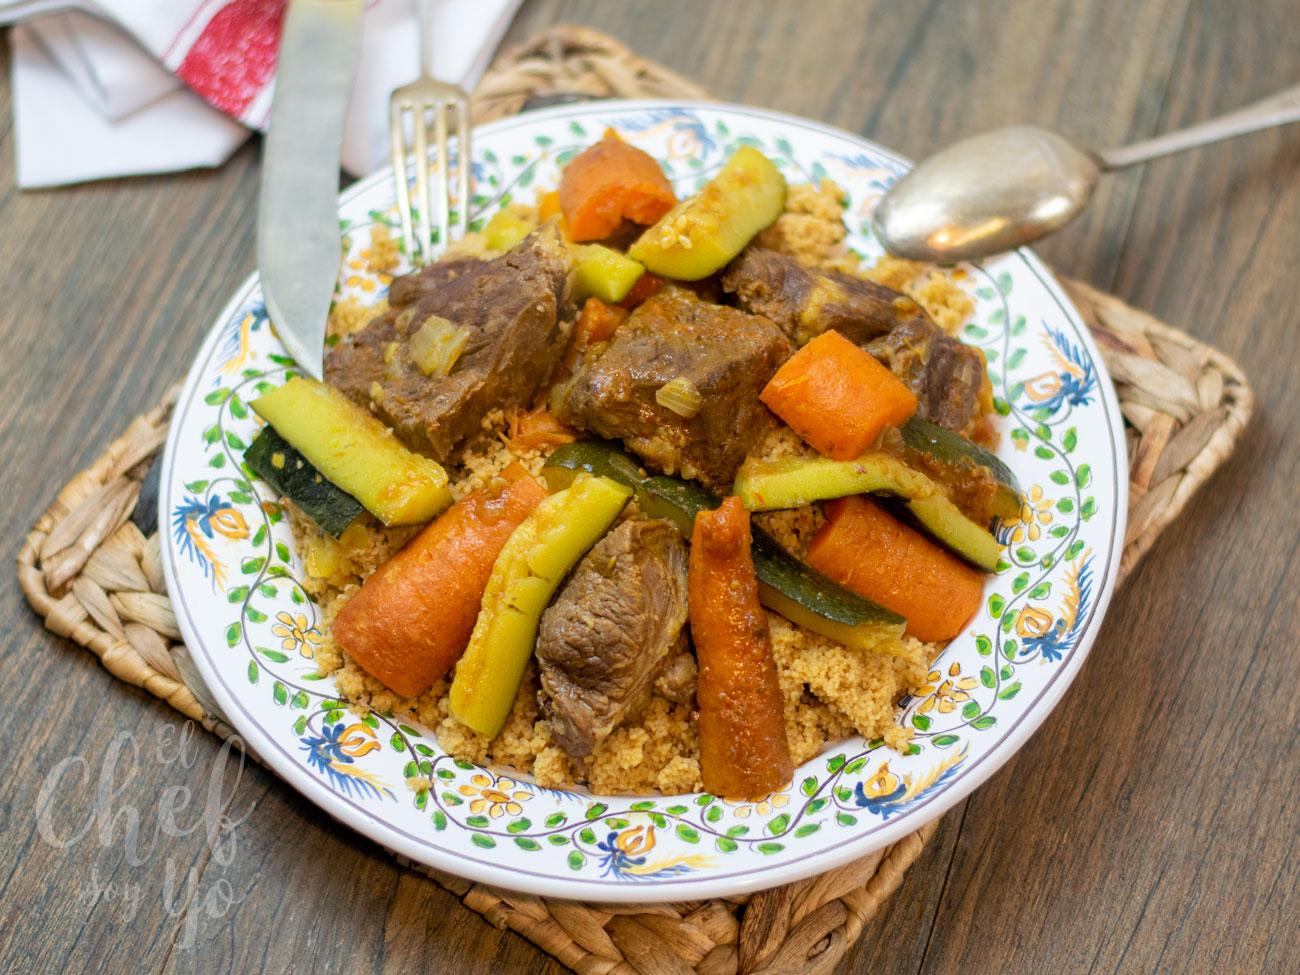 Cous cous al estilo marroquí con Tajine de cordero